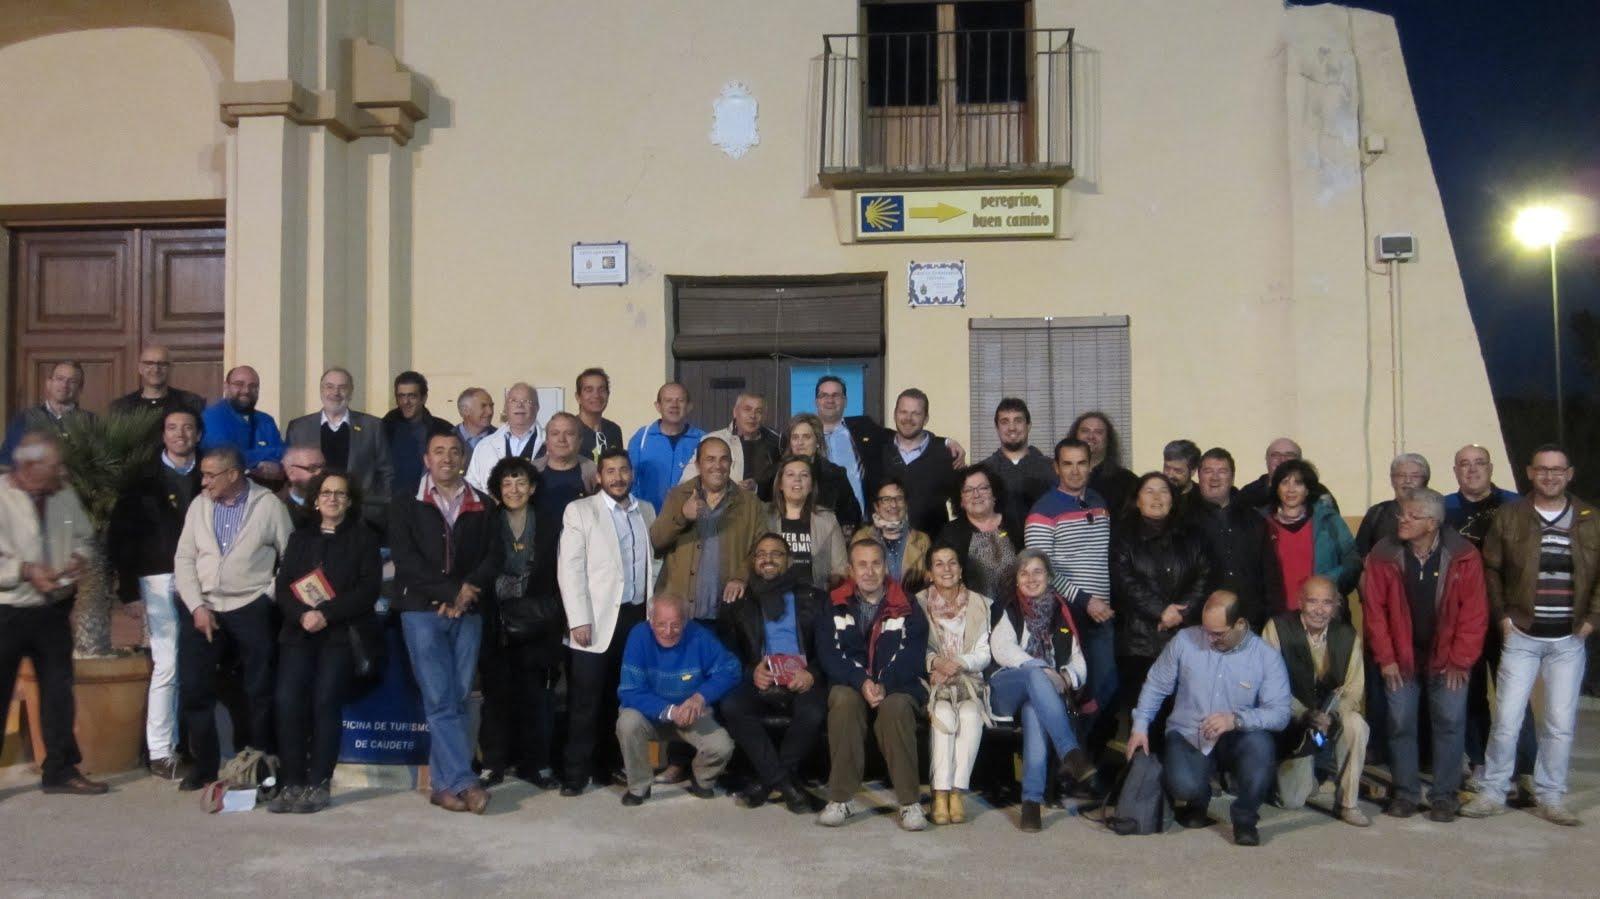 CAUDETE. ENCUENTRO NACIONAL DE ASOCIACIONES DEL CAMINO DE SANTIAGO LEVANTE.SURESTE (28-03-2015)